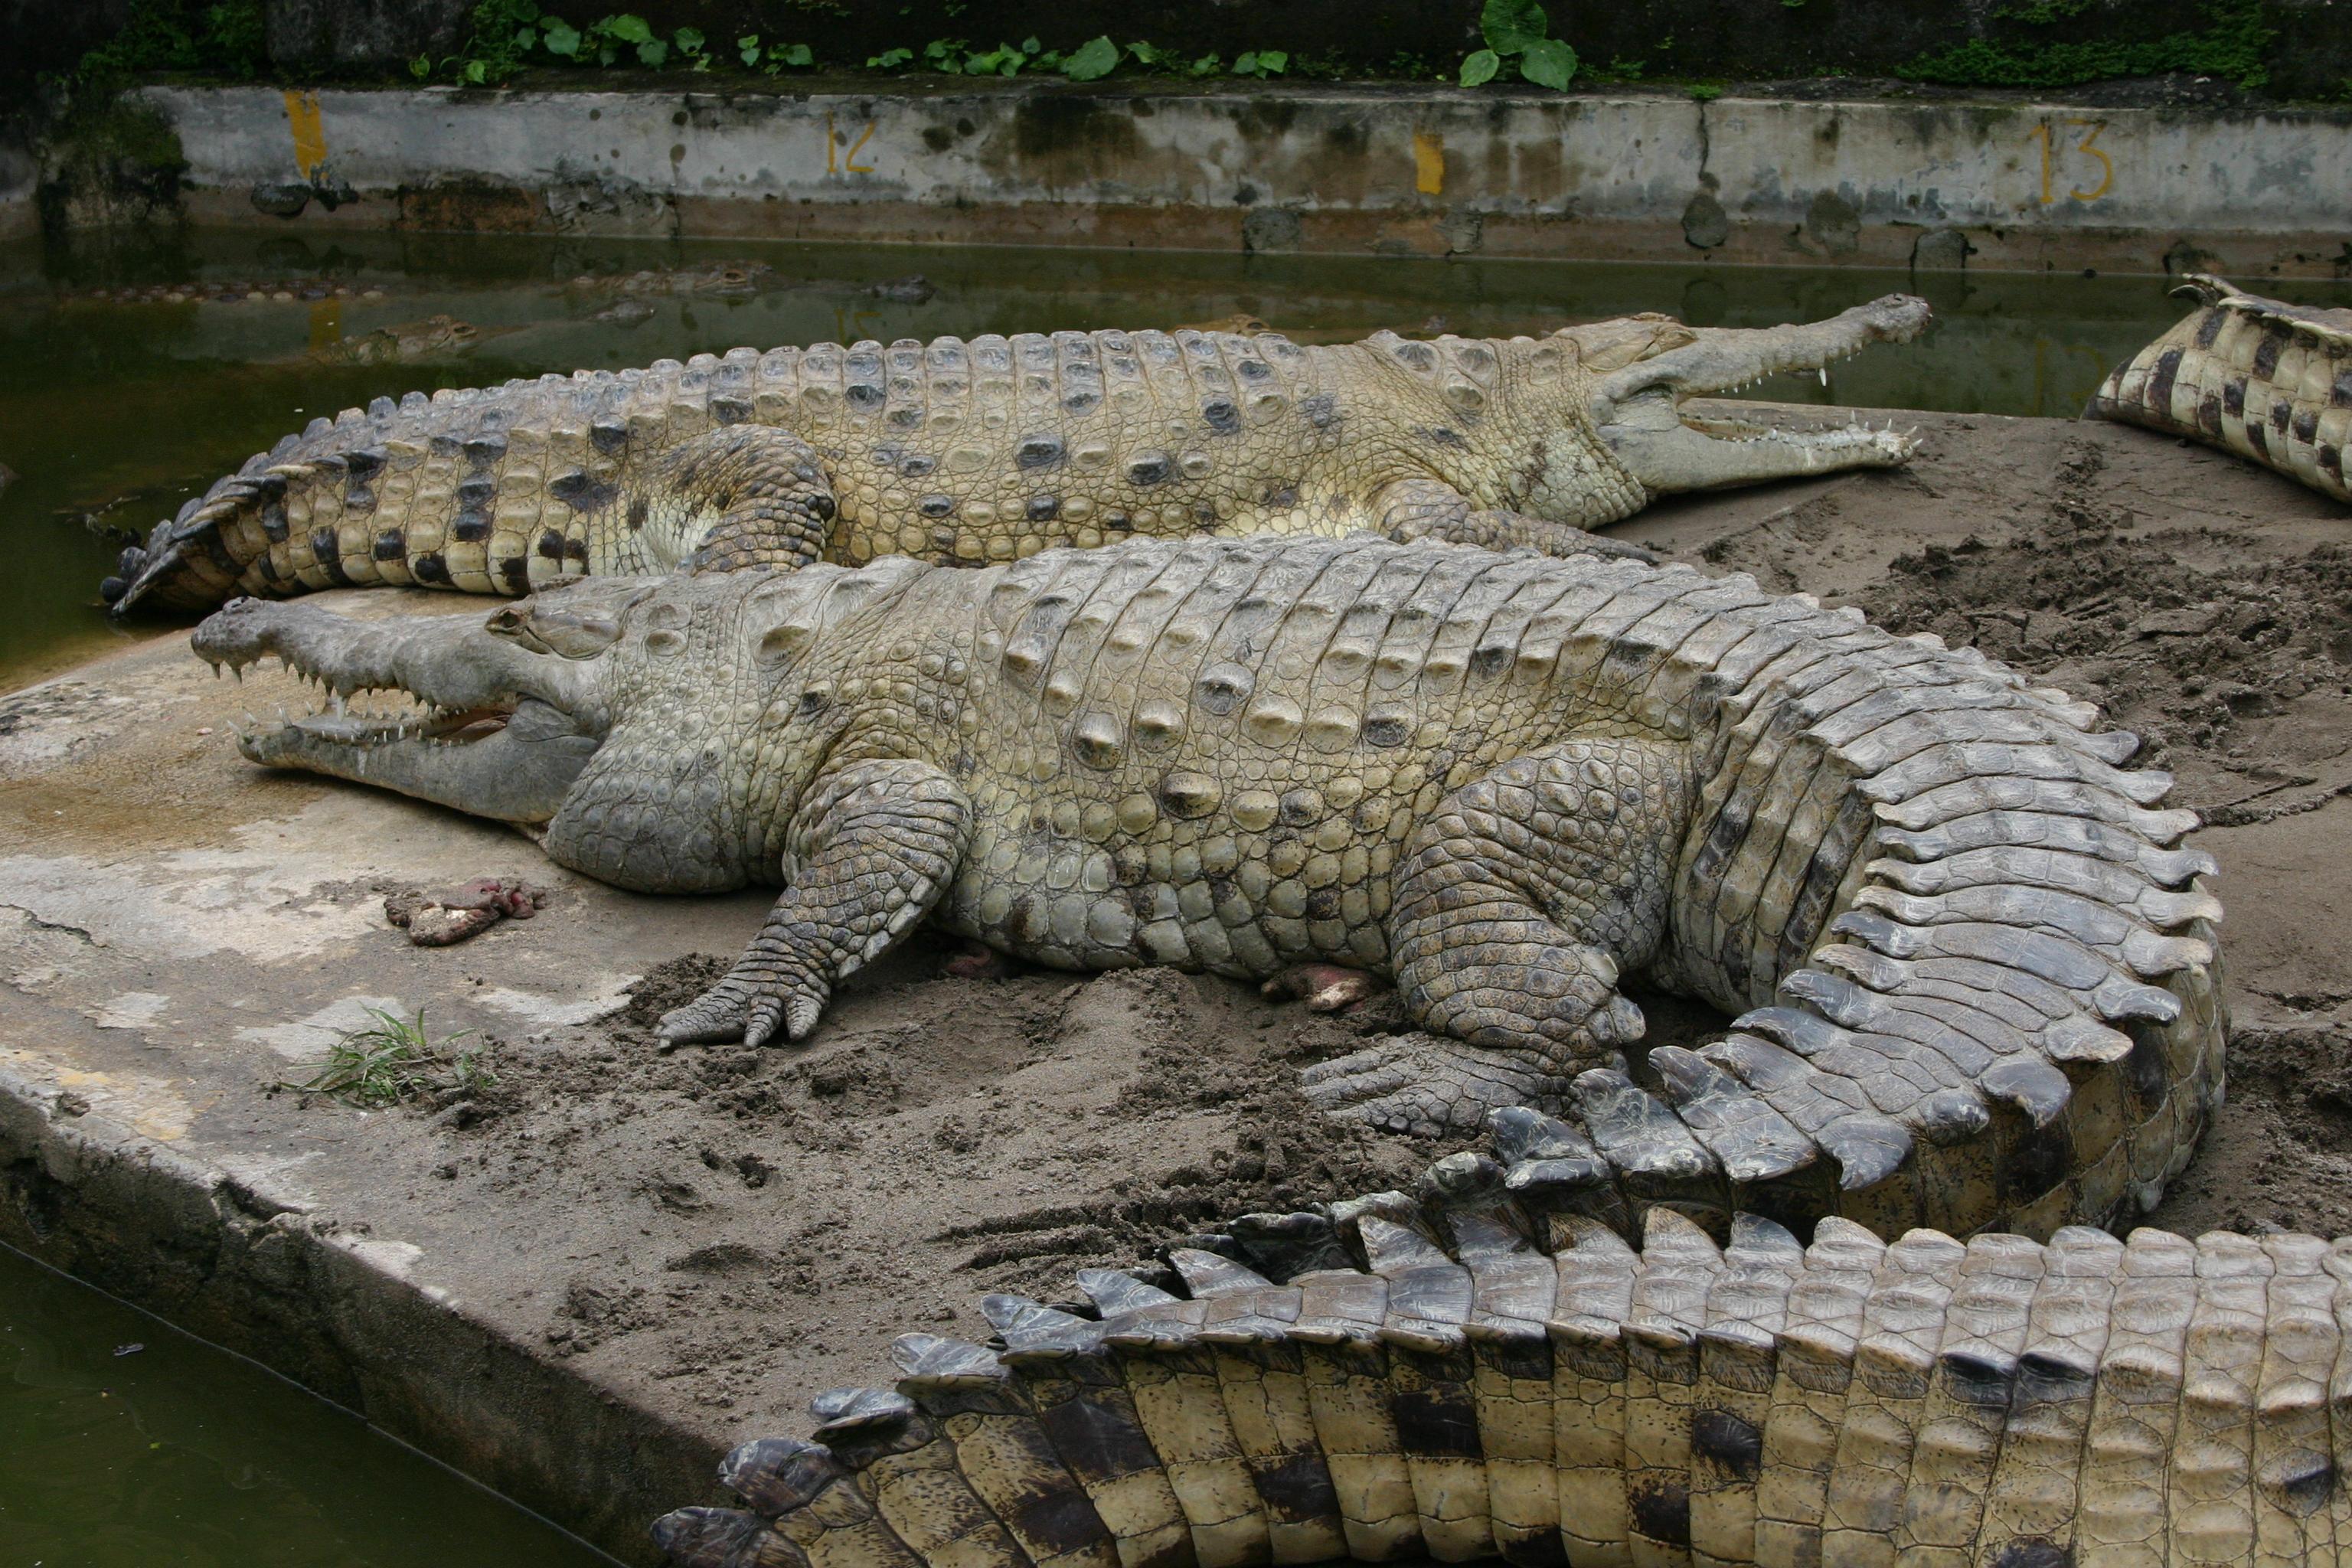 06b931f49d Crocodylus intermedius - Wikipedia, la enciclopedia libre